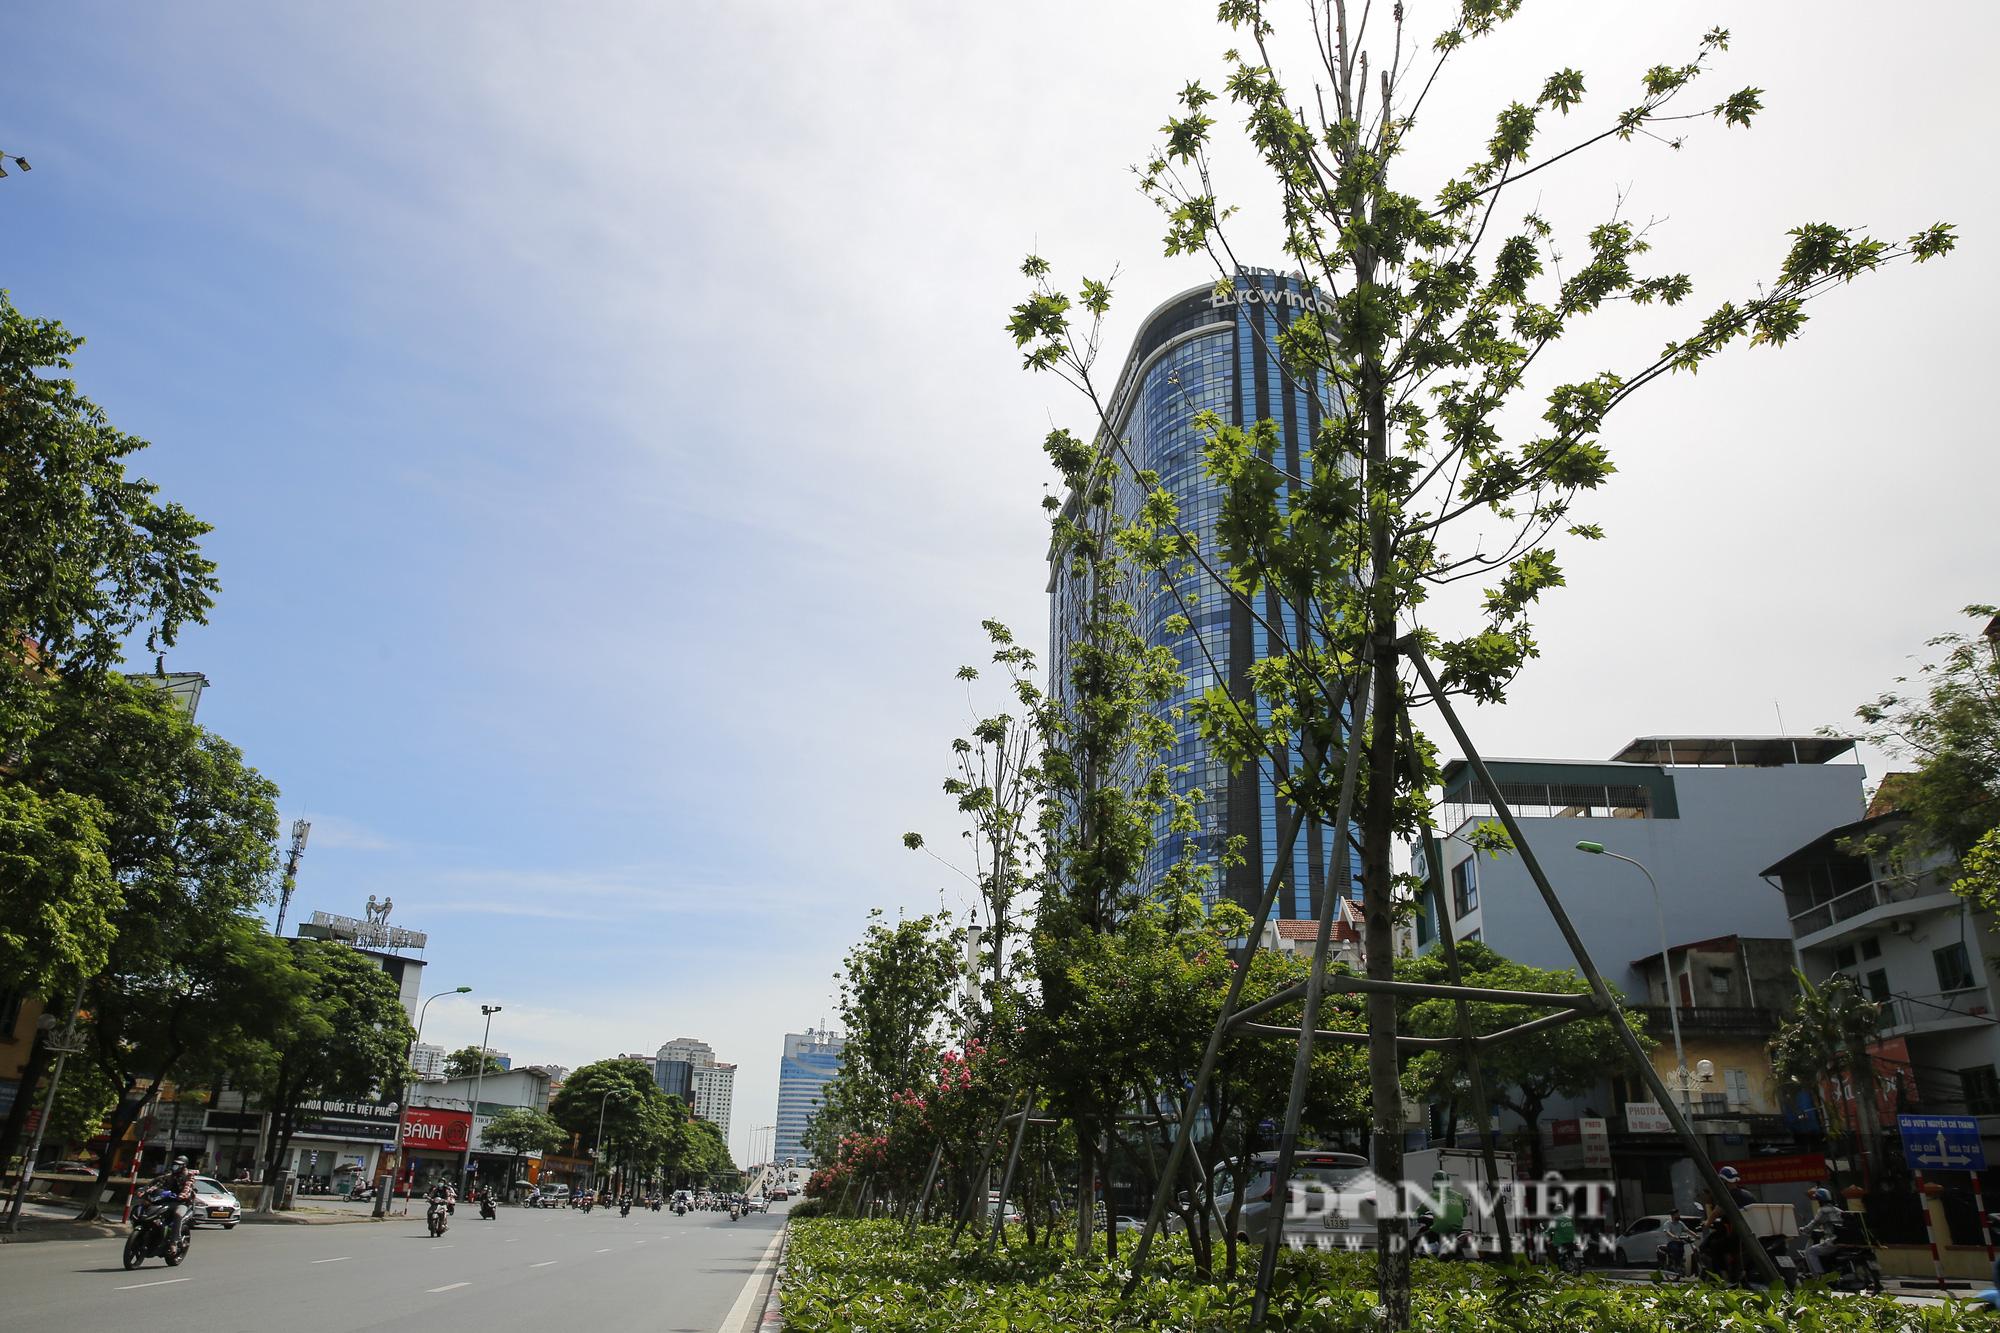 """Hàng cây phong lá đỏ tại Hà Nội bỗng """"hồi sinh"""" giữa mùa hè - Ảnh 1."""